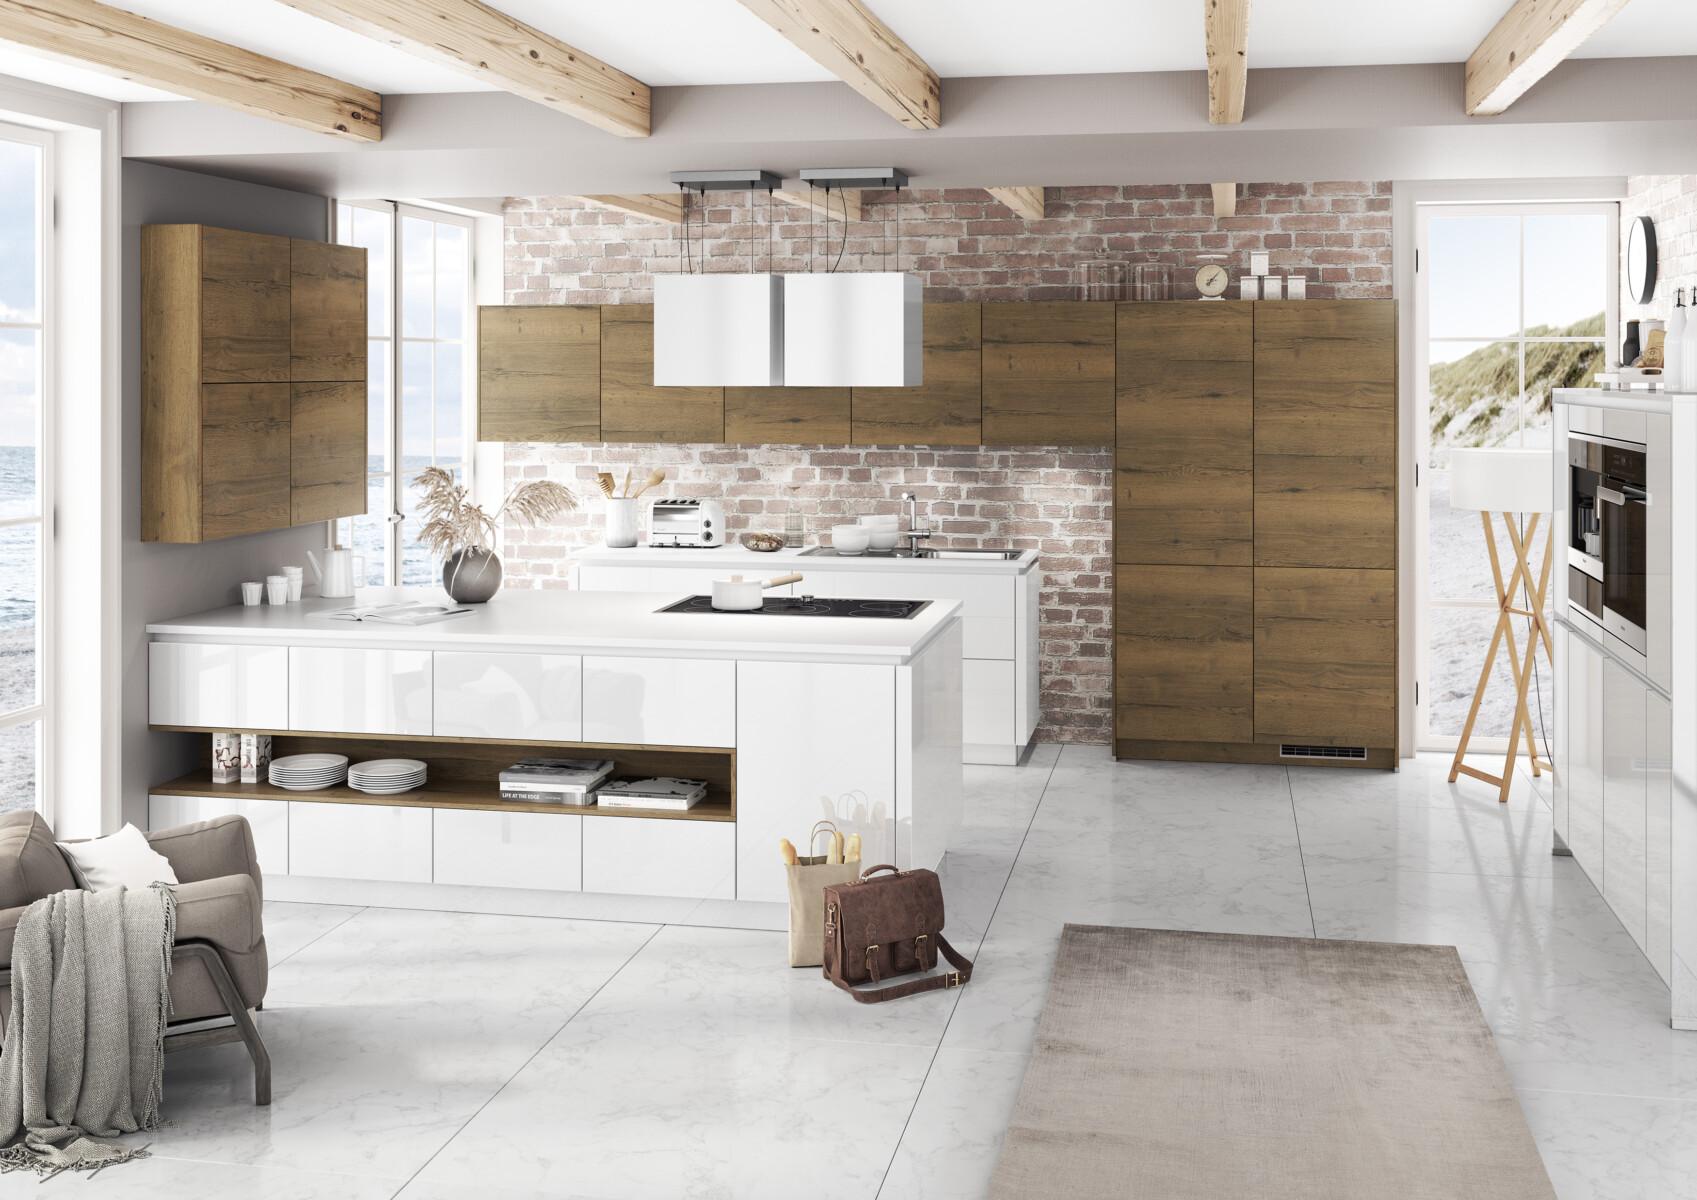 Mein Lieblingsplatz - Einbauküchen von Küchen Kay Keding aus Kiel